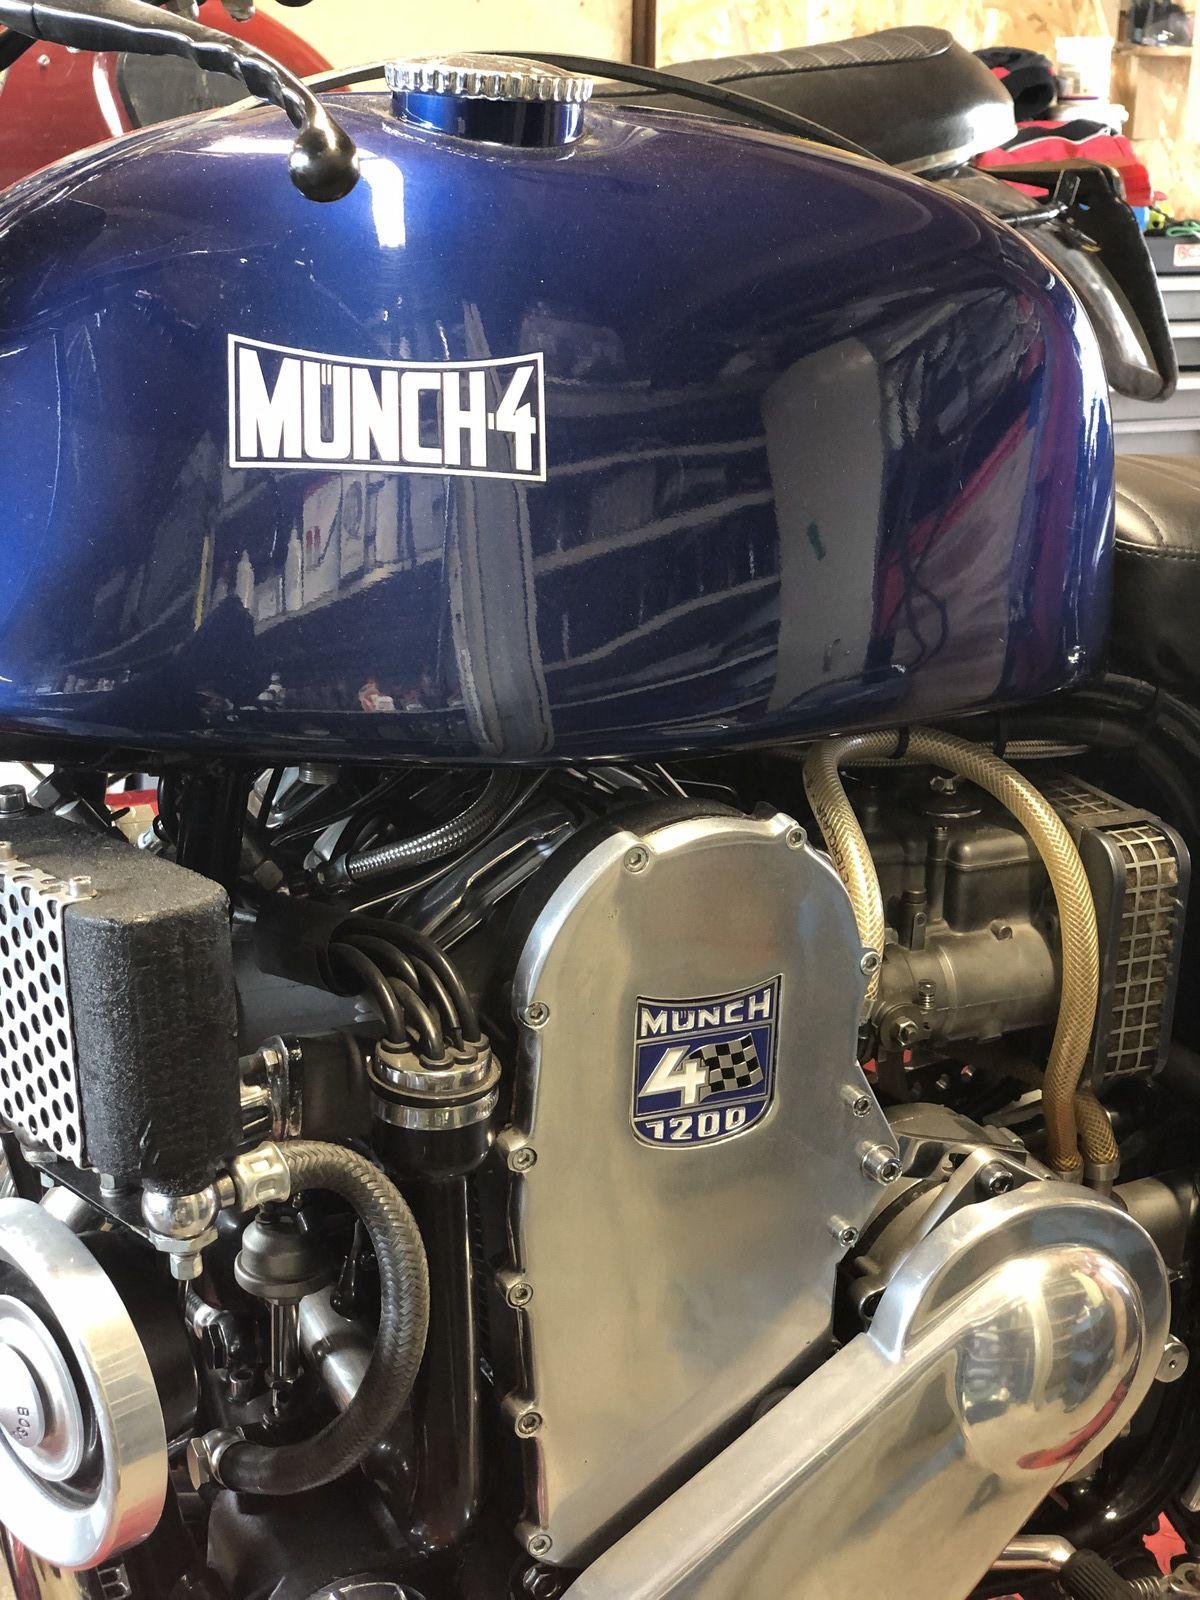 MUNCH 1200 TTS